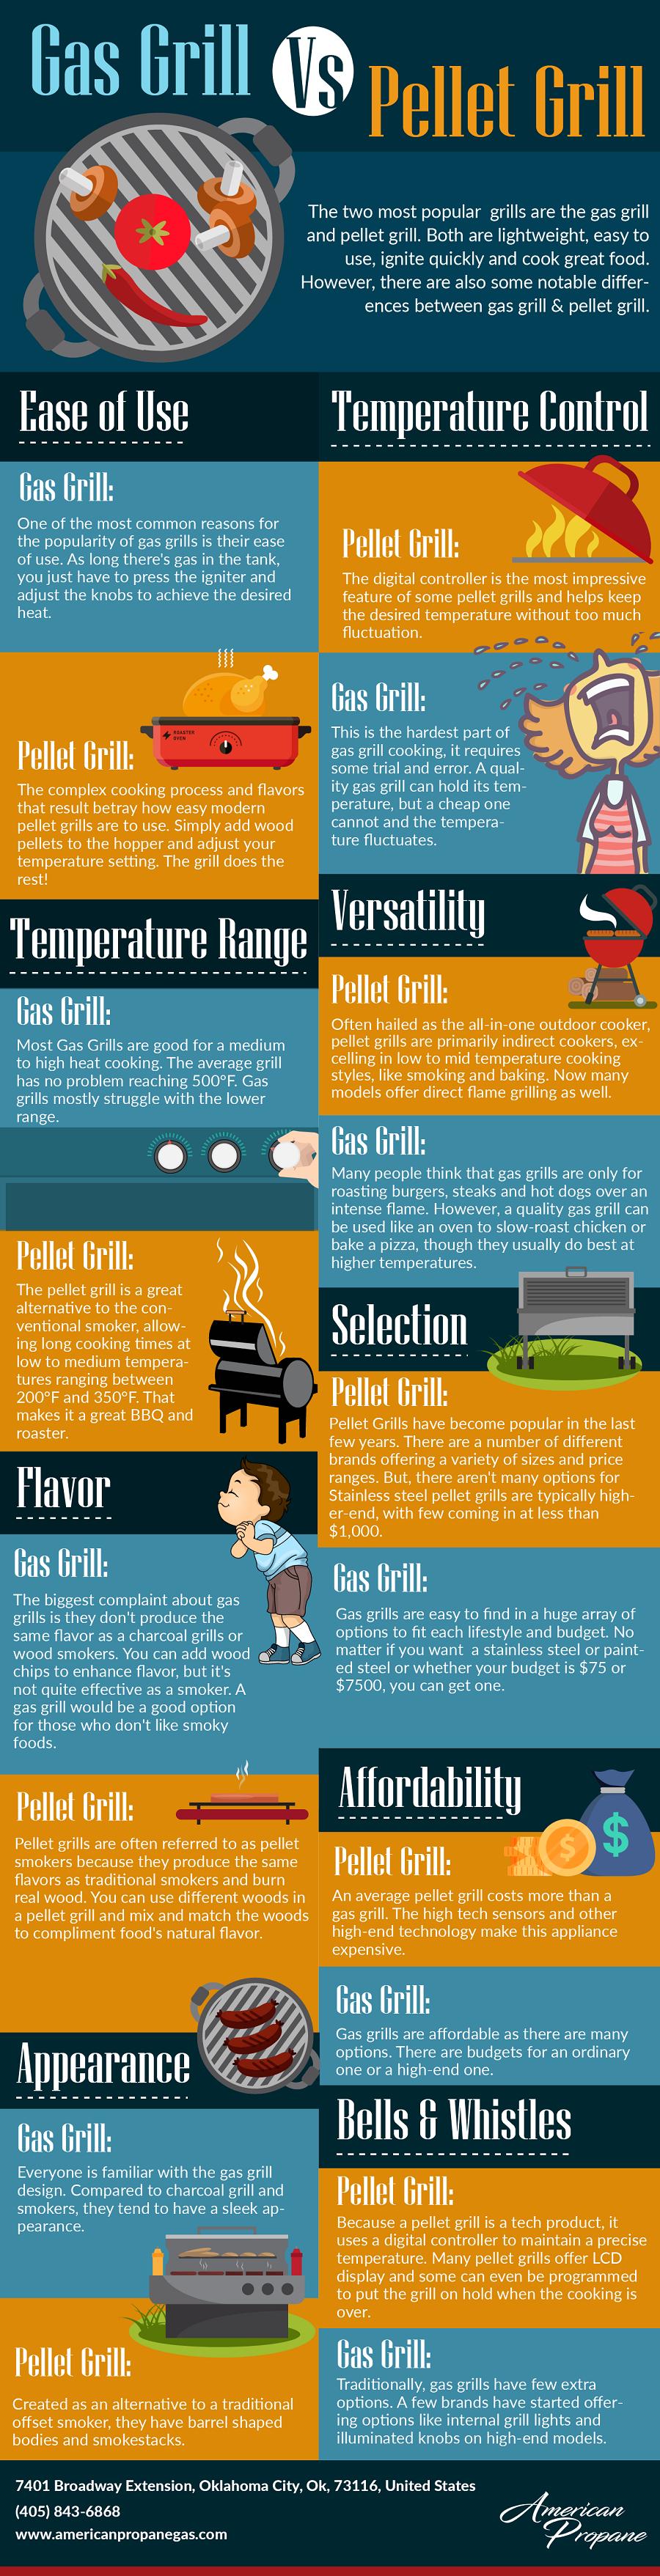 Gas Grill Vs Pellet Grill